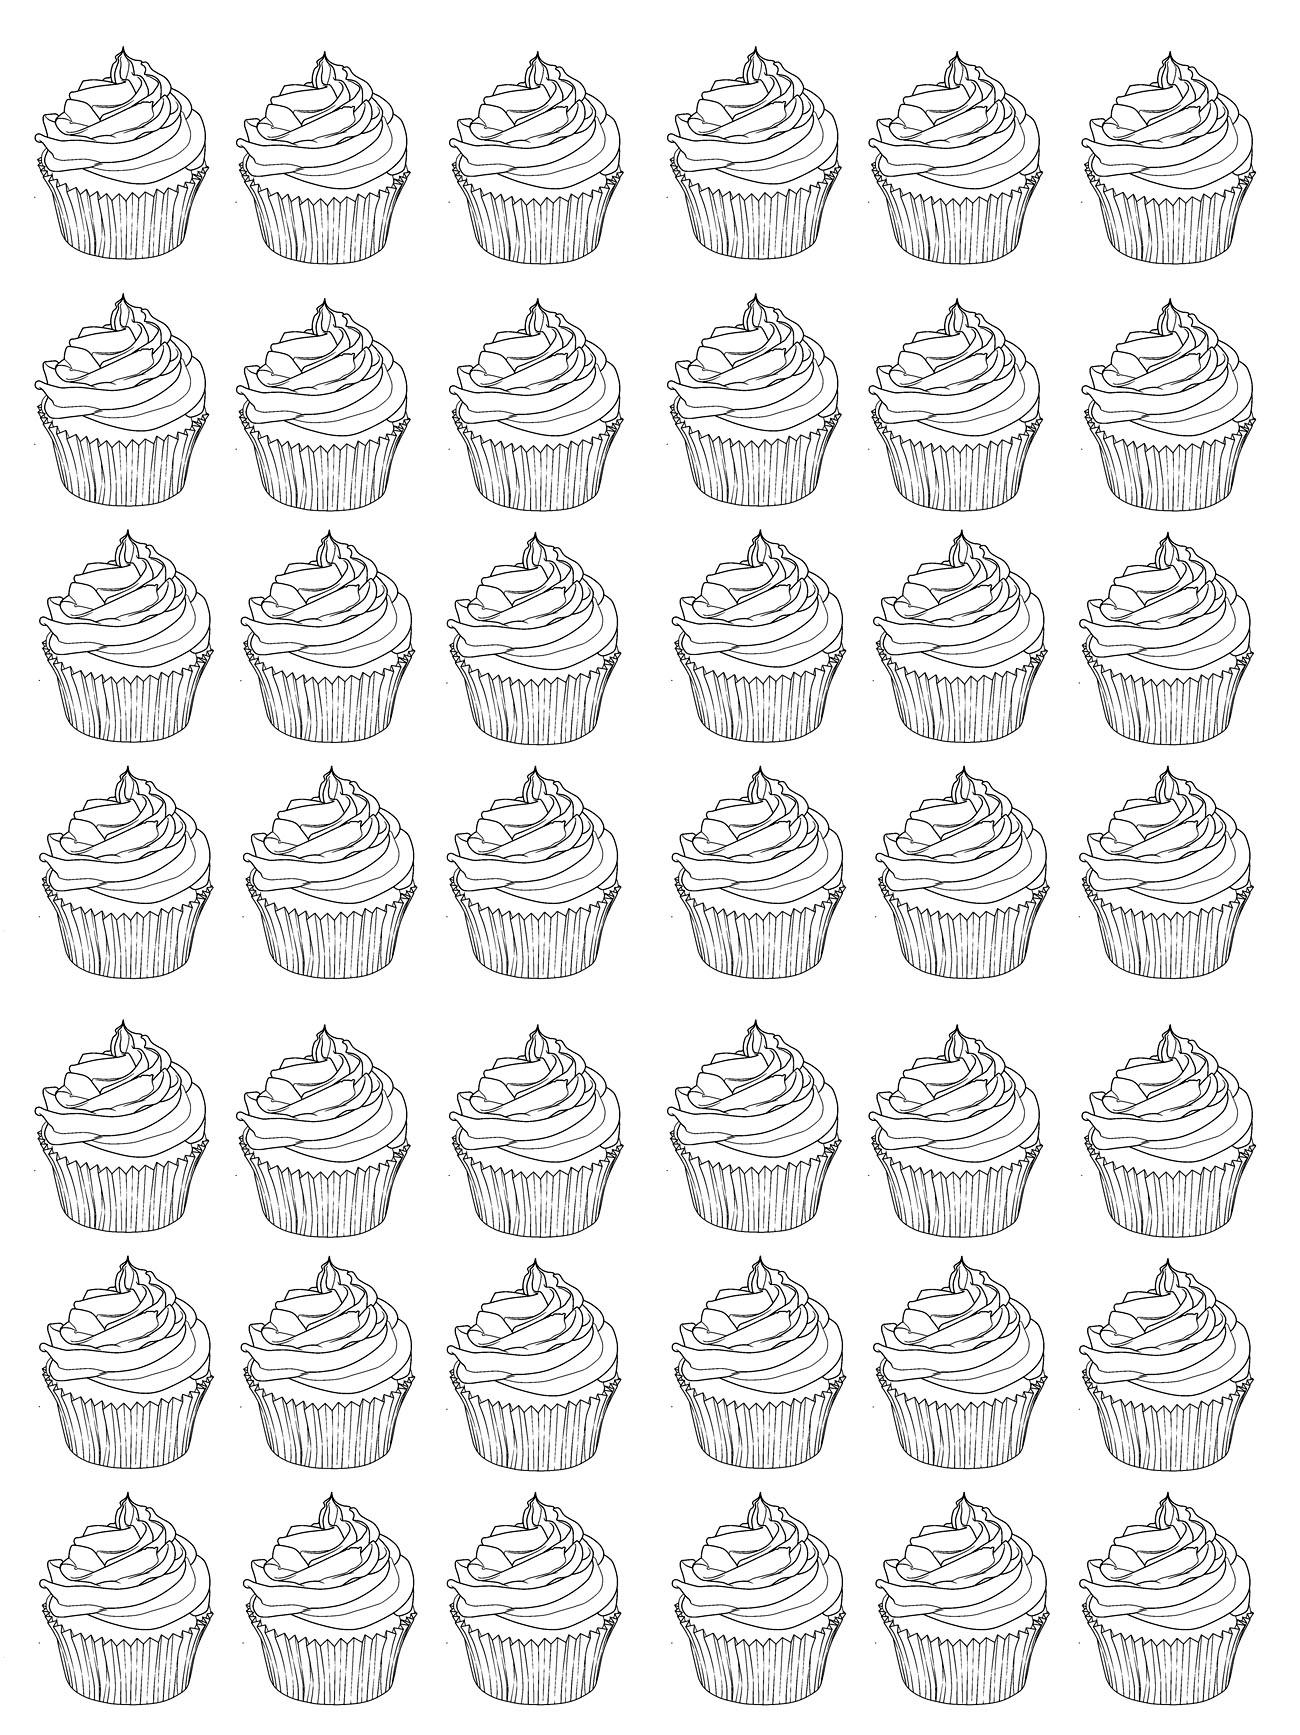 Disegni da colorare per adulti : Cup Cakes - 5